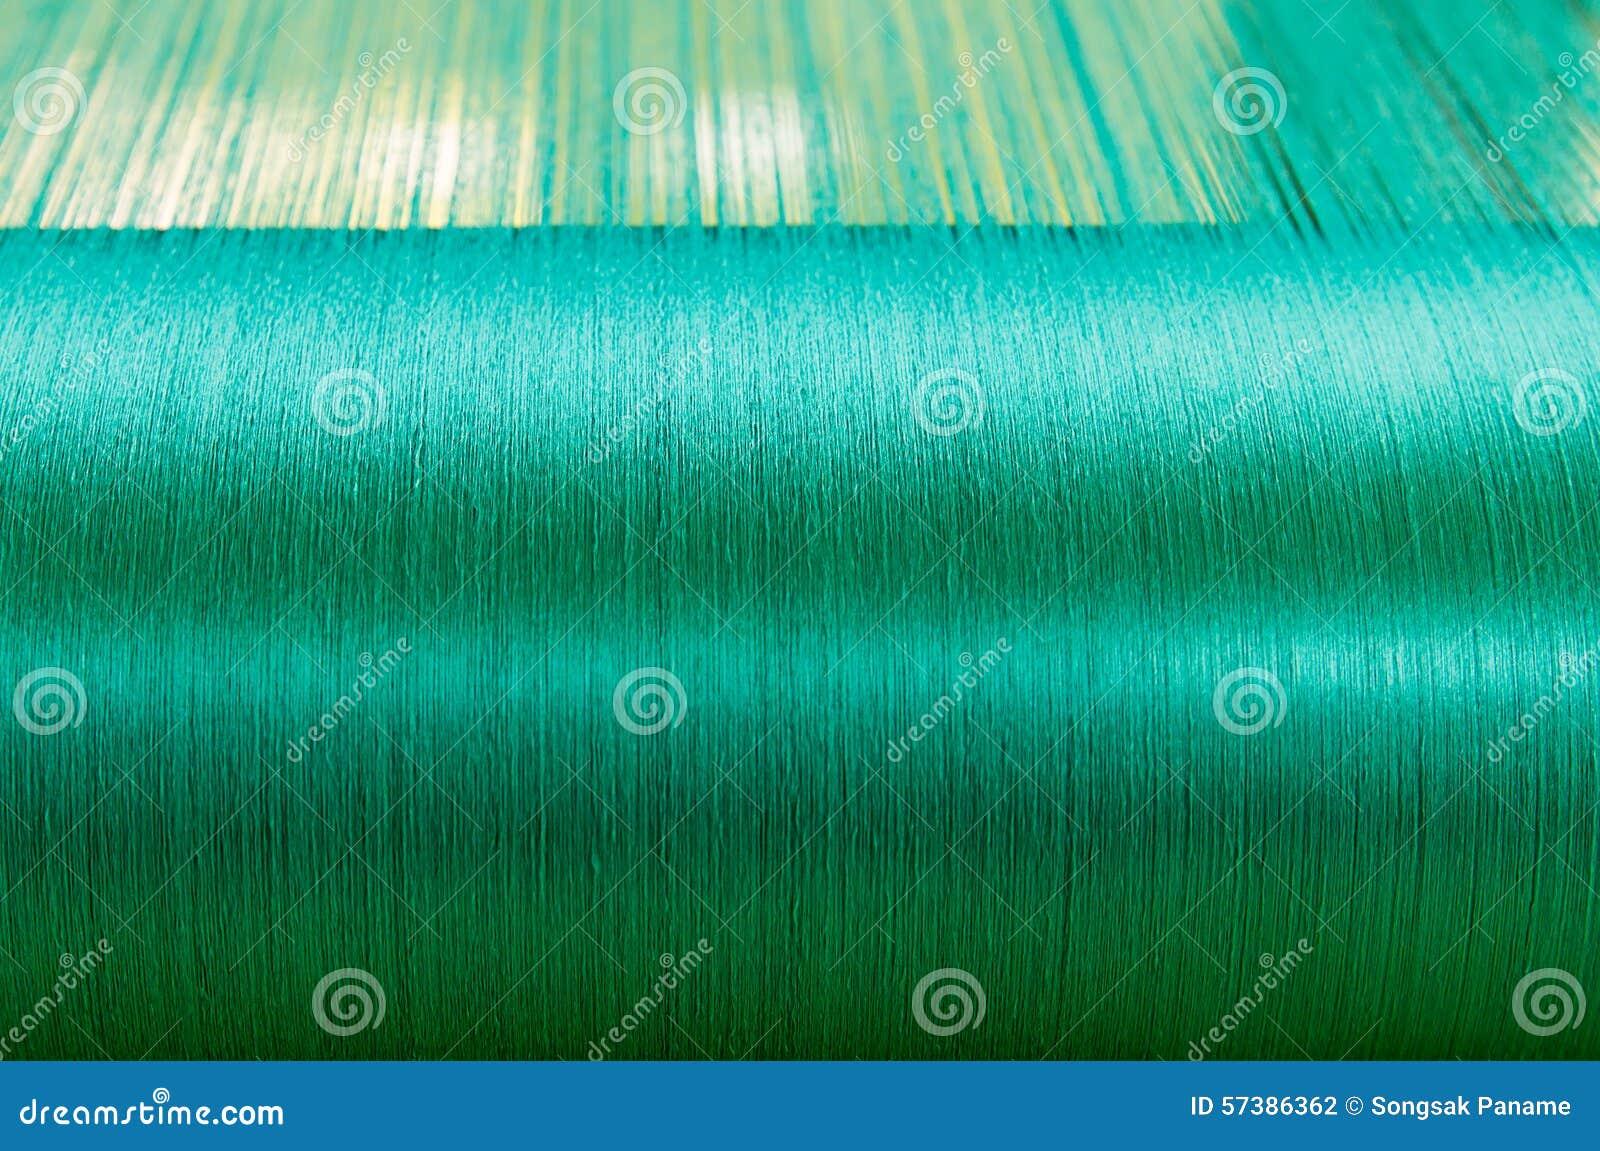 Groene zijde op een scheeftrekkend weefgetouw van een textielmolen